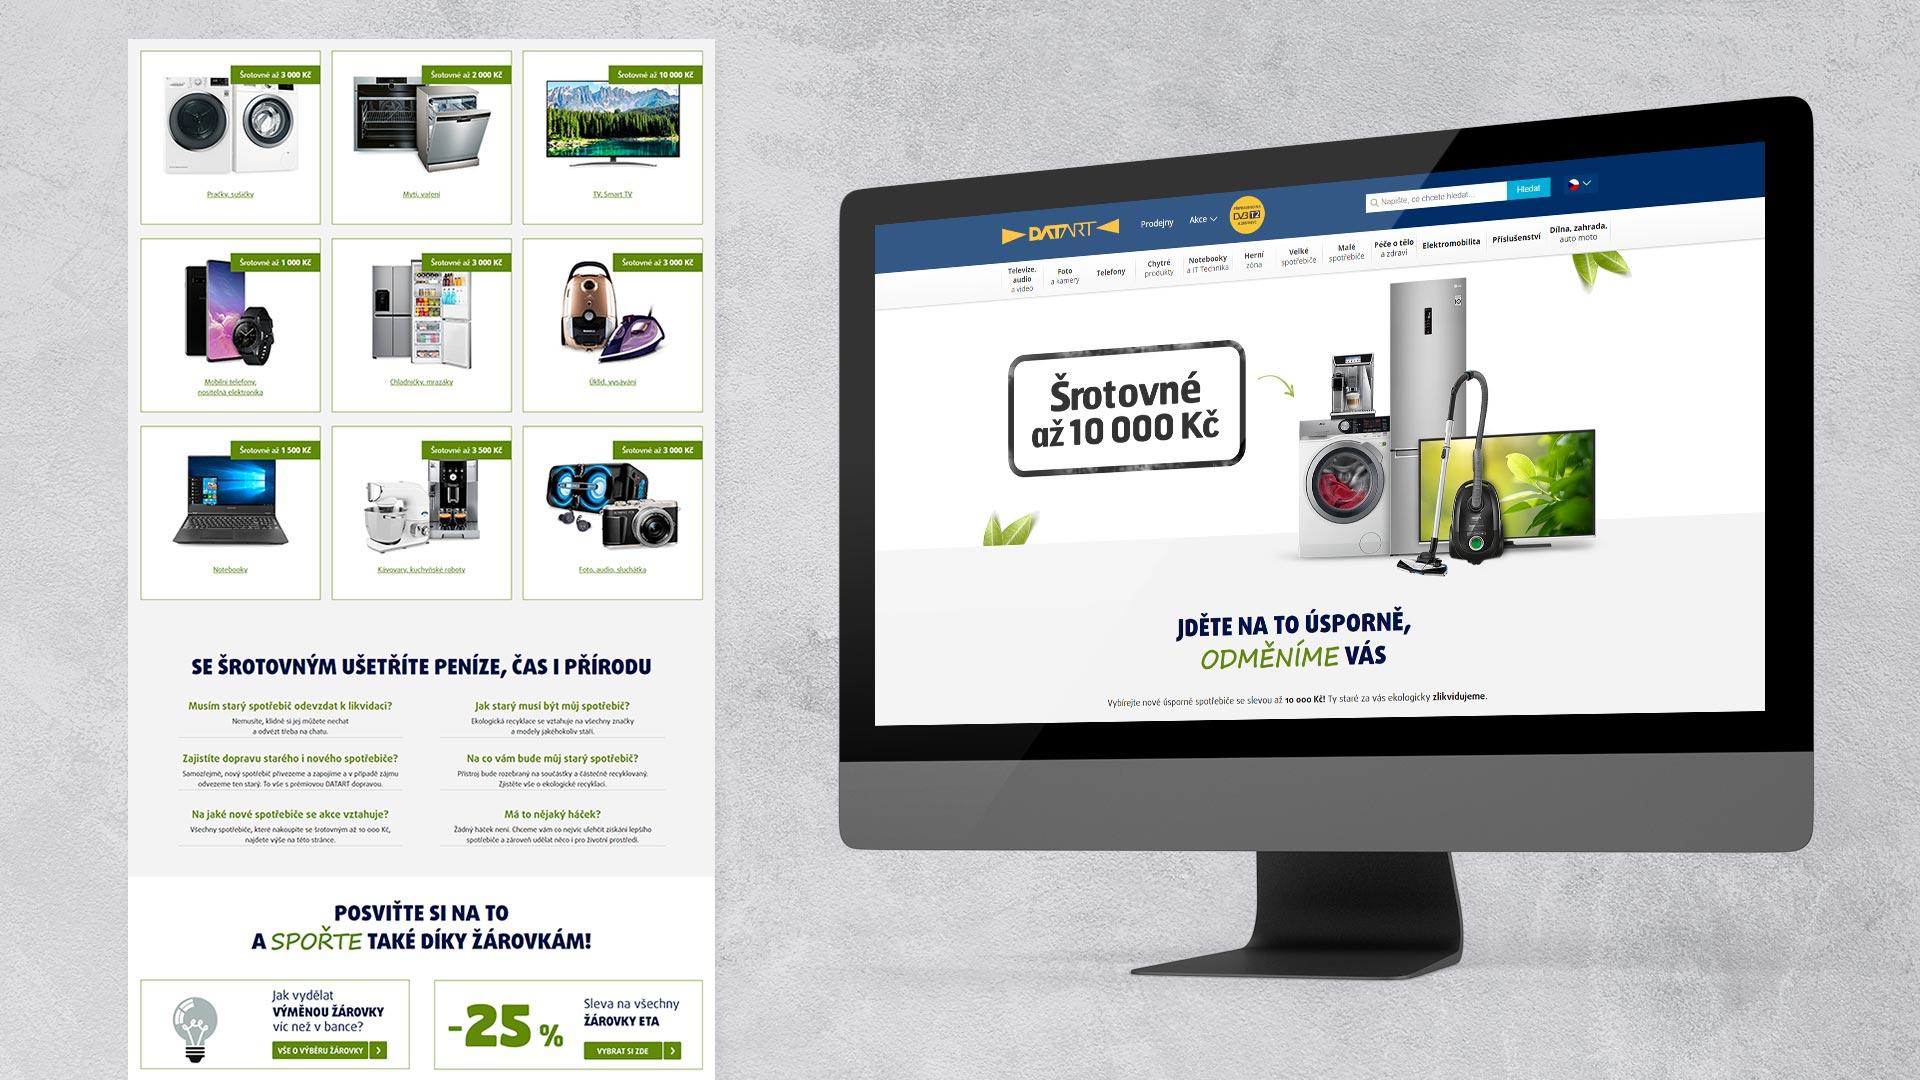 WhiteDesigns.cz - Grafický návrh landing page pro DATART.cz